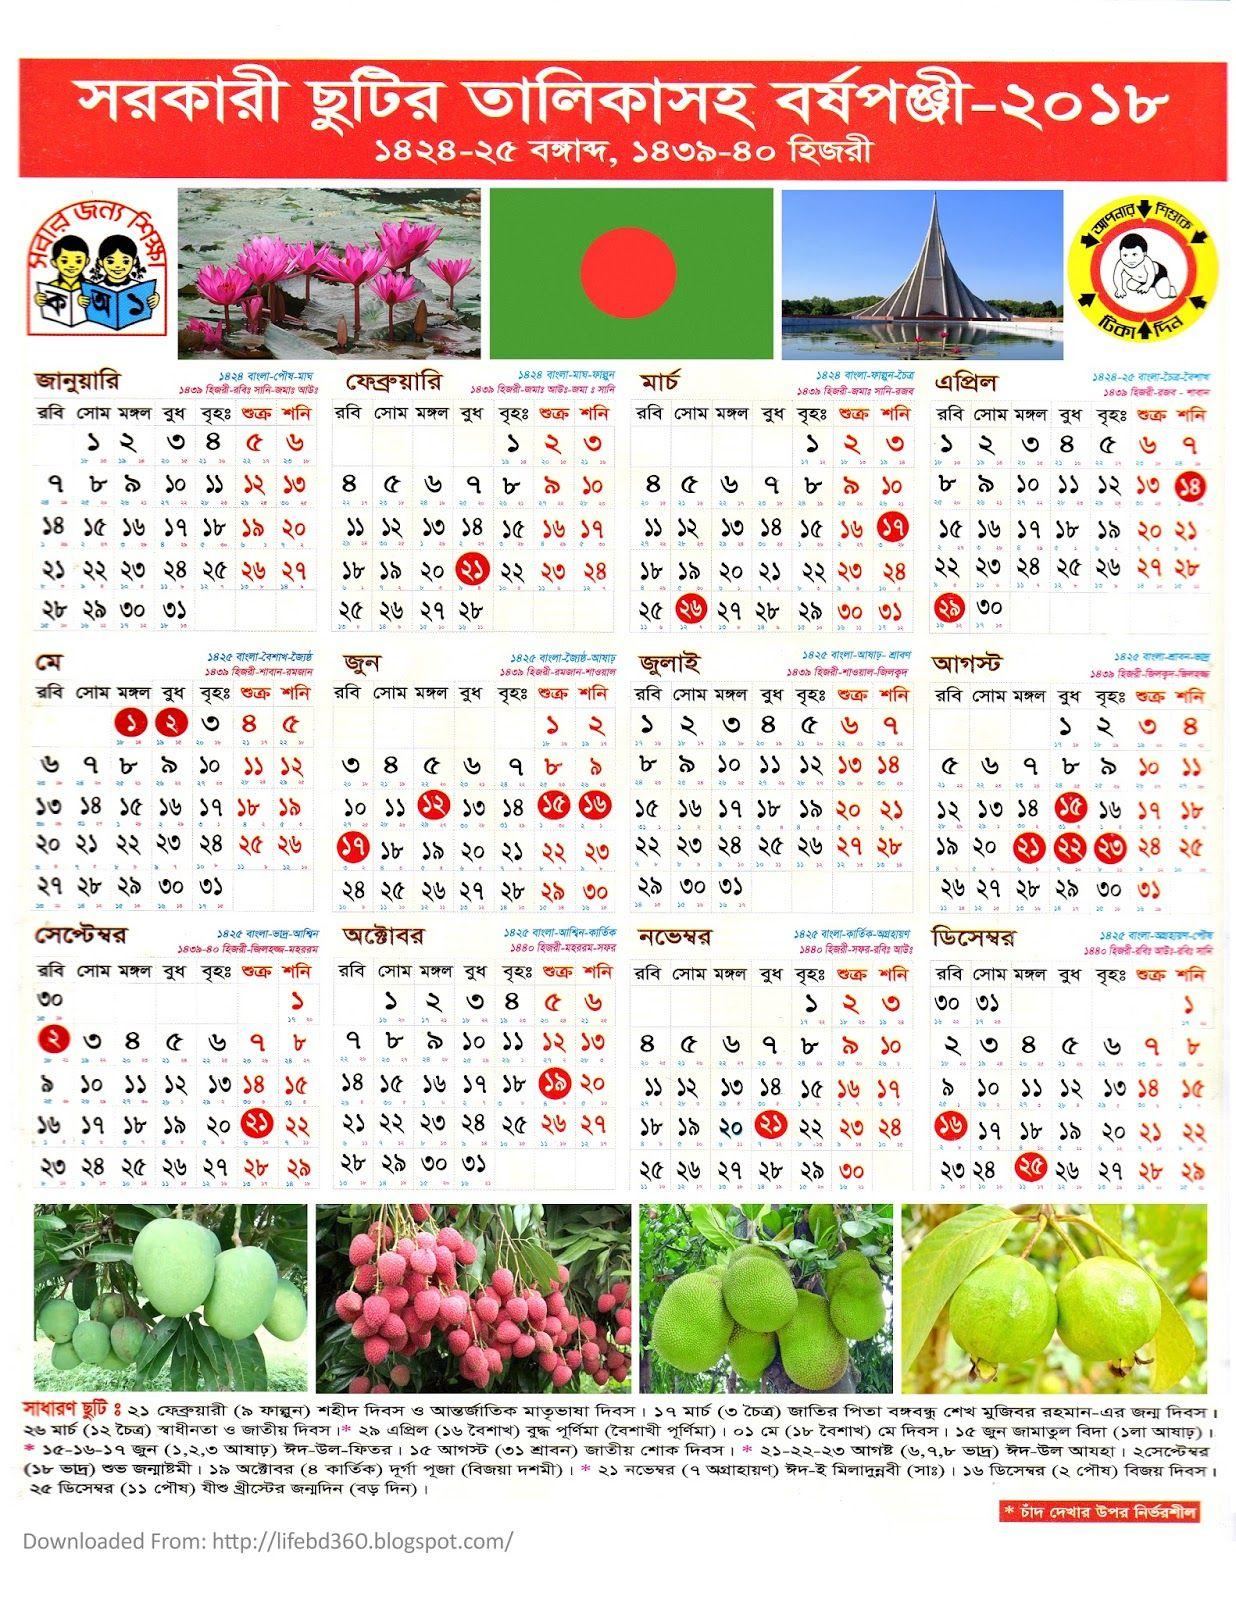 Govt Calendar 2020 Bangladesh Pdf - Calendario 2019